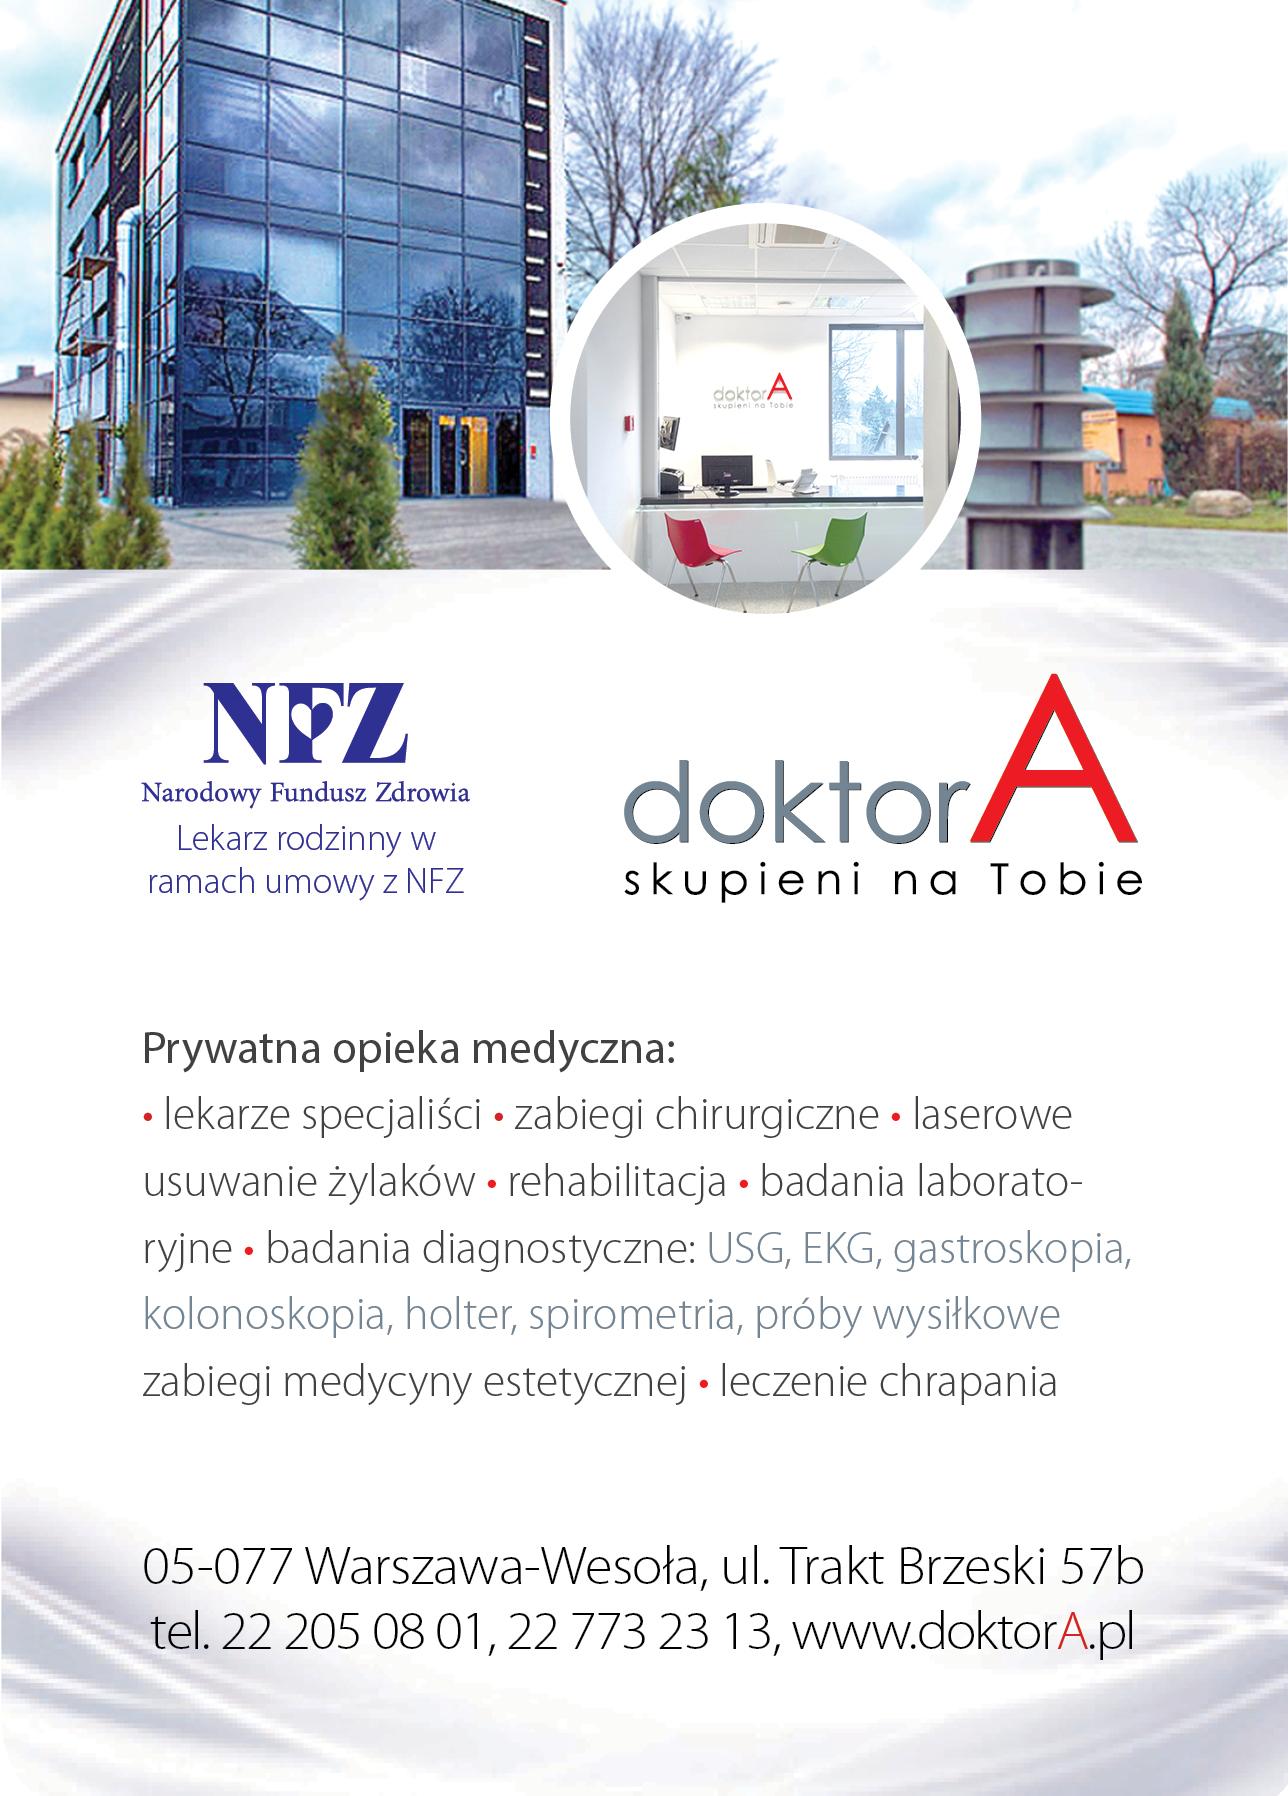 NFZ ulotka dla doktorA